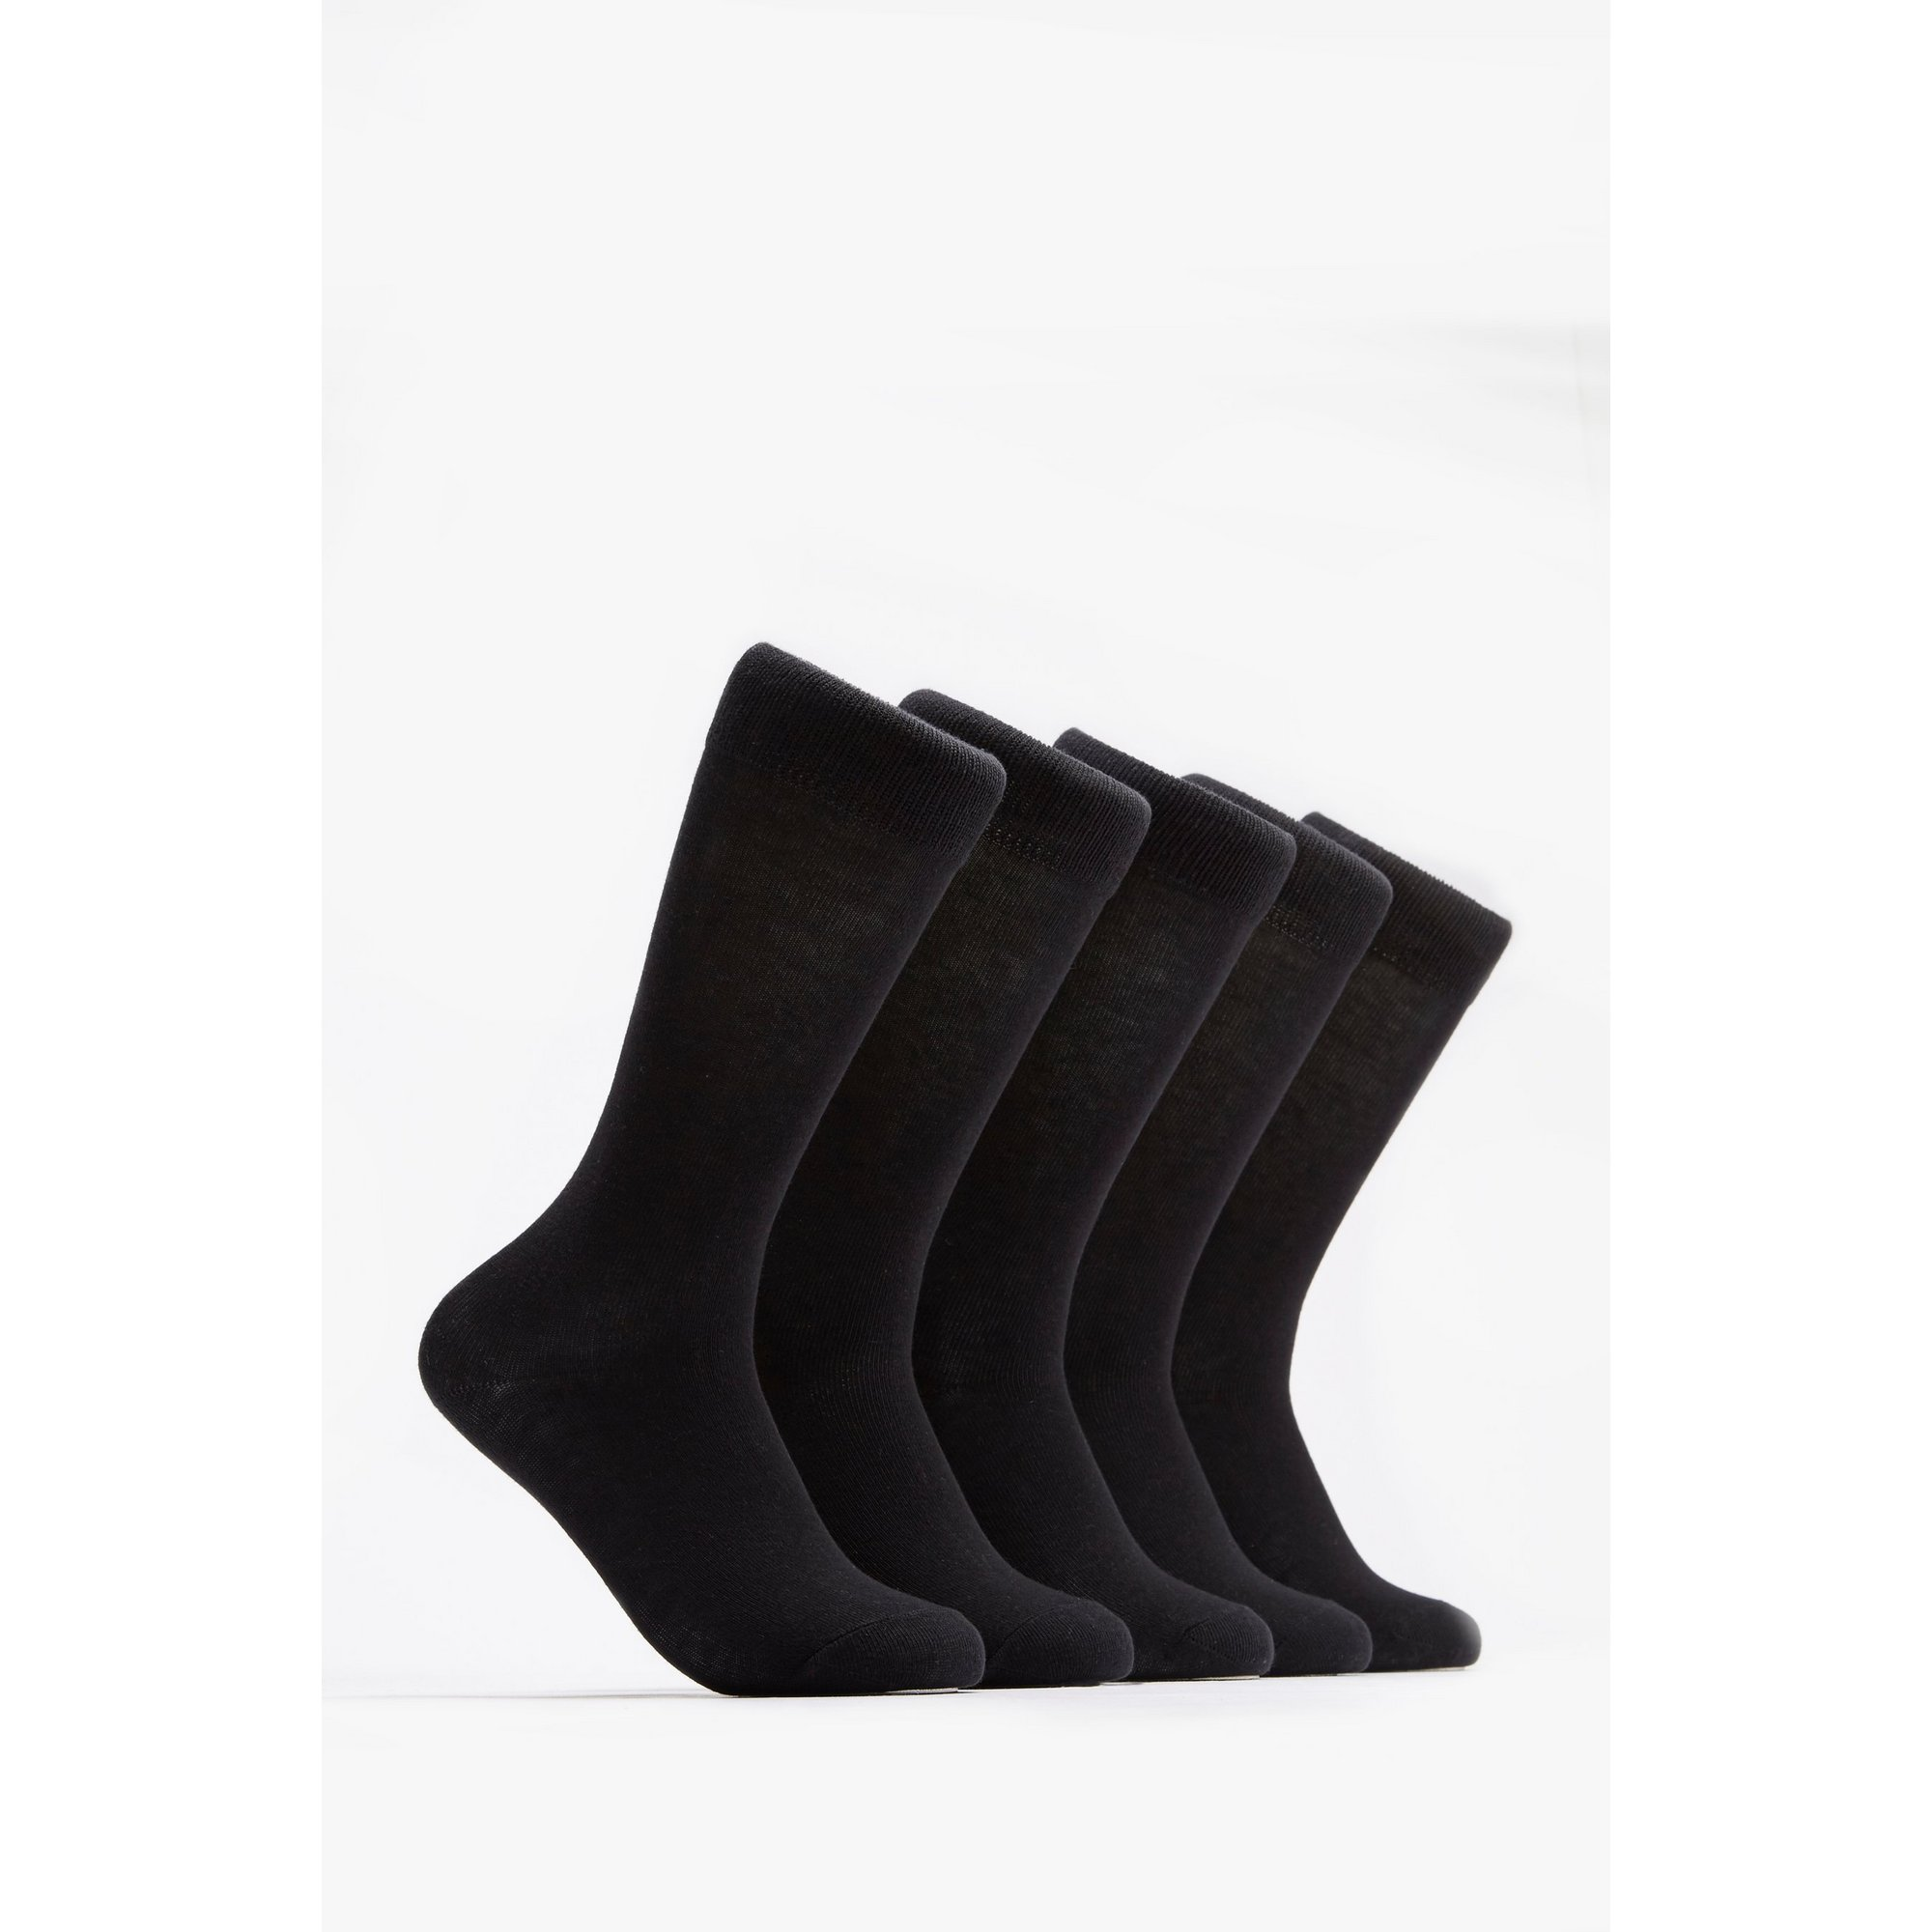 Image of Girls Pack of 5 Black Knee High Socks